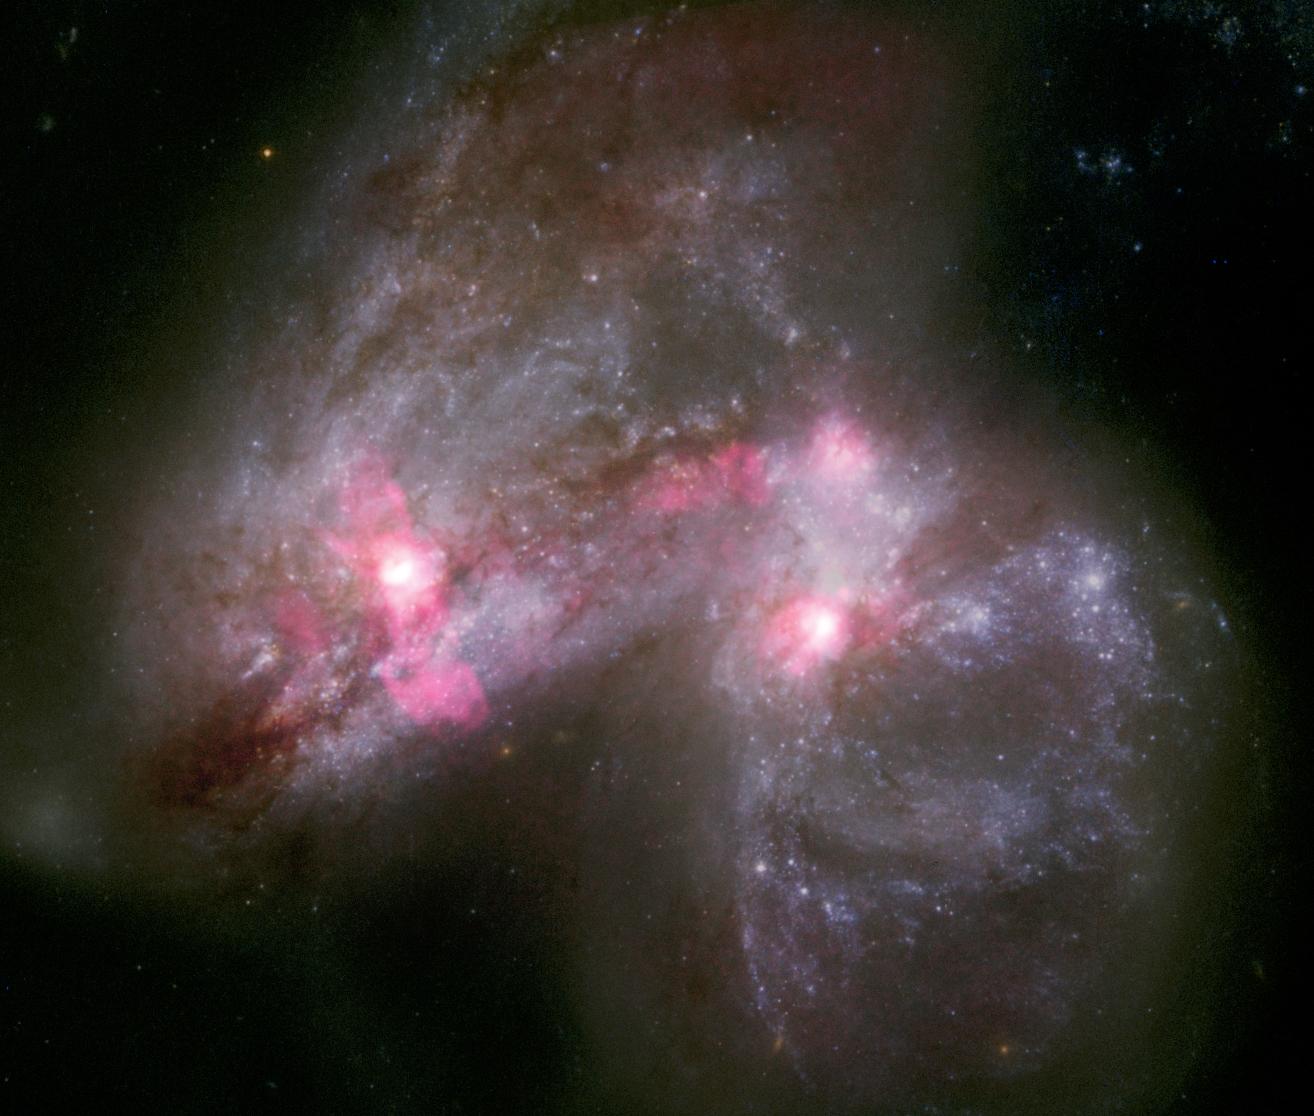 Minden eddiginél élesebb képeket készítettek messzi galaxisokról európai csillagászok